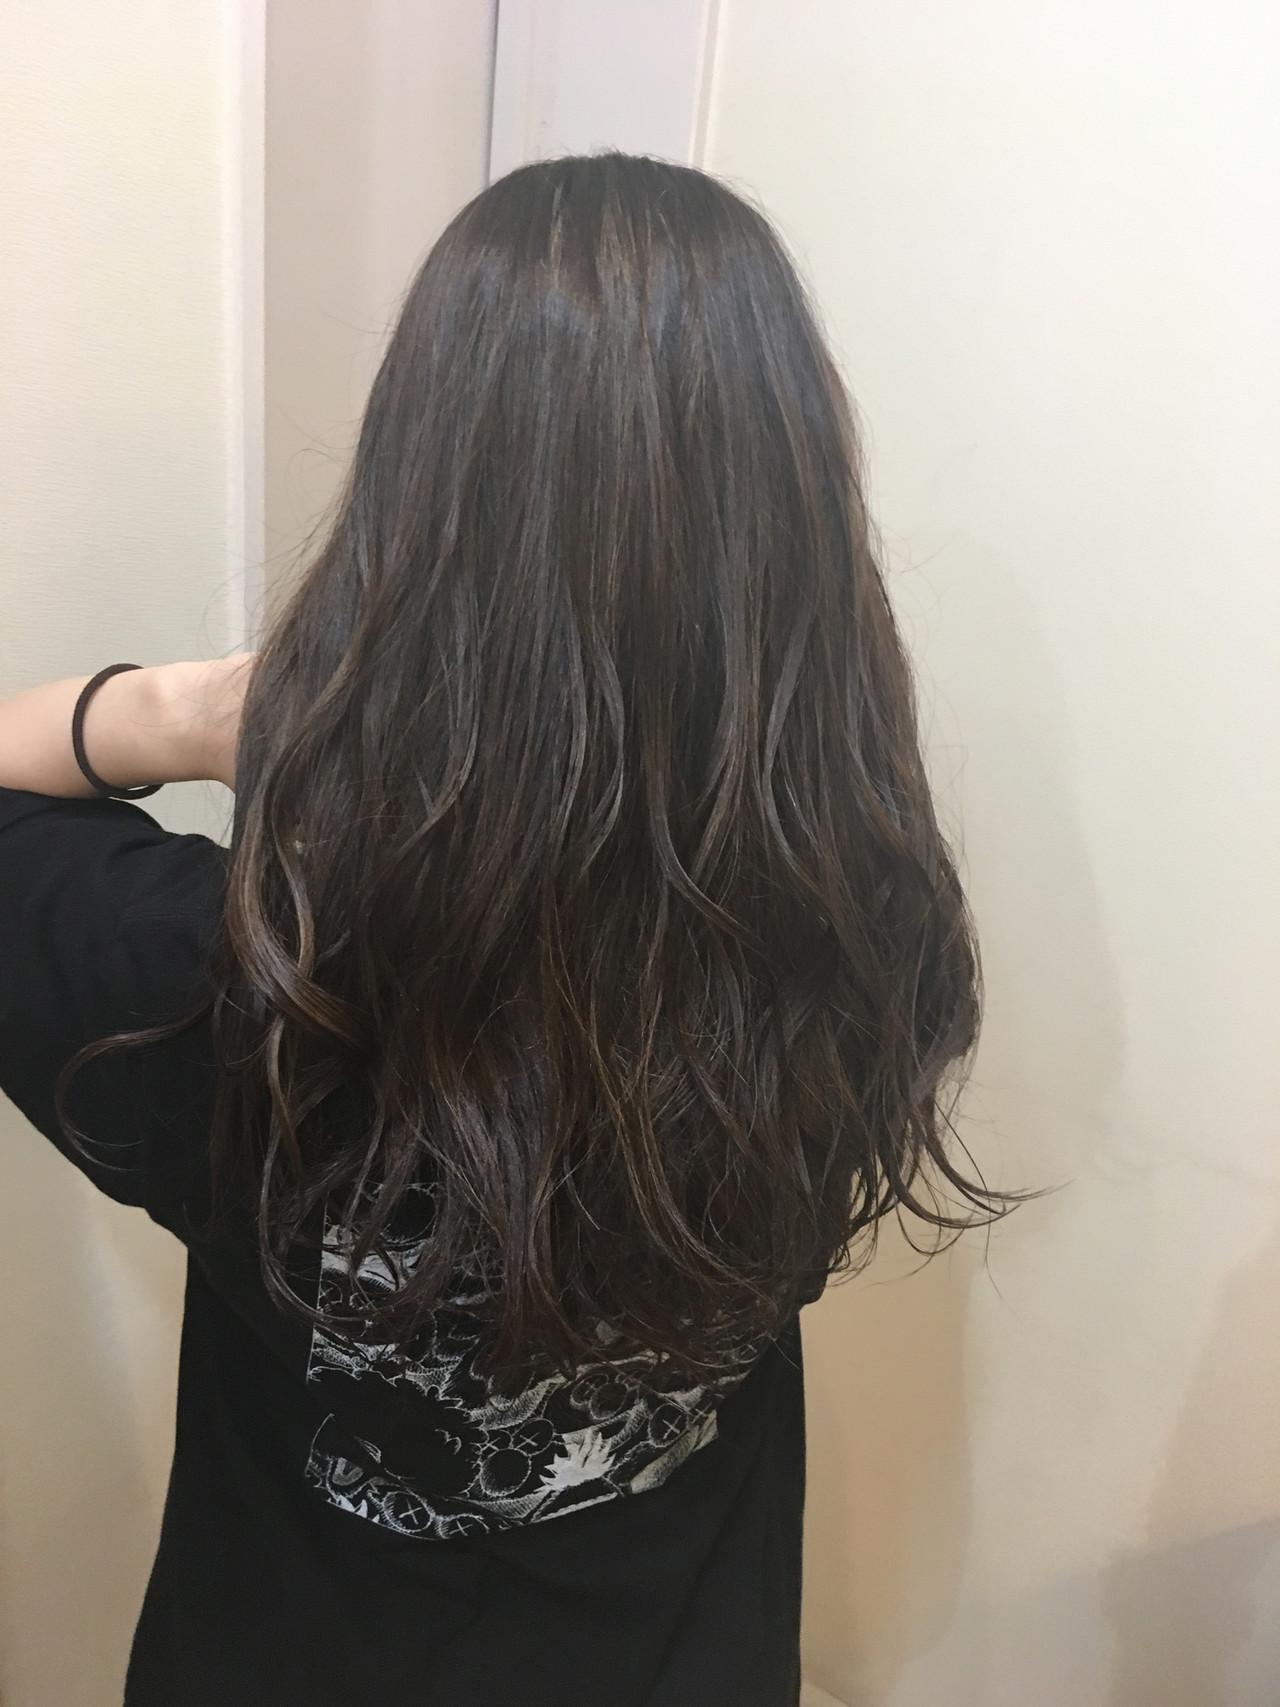 3Dハイライト ロング コントラストハイライト ナチュラル ヘアスタイルや髪型の写真・画像 | 《町田の美容師》キタダヒロキ / Hair Frais Make